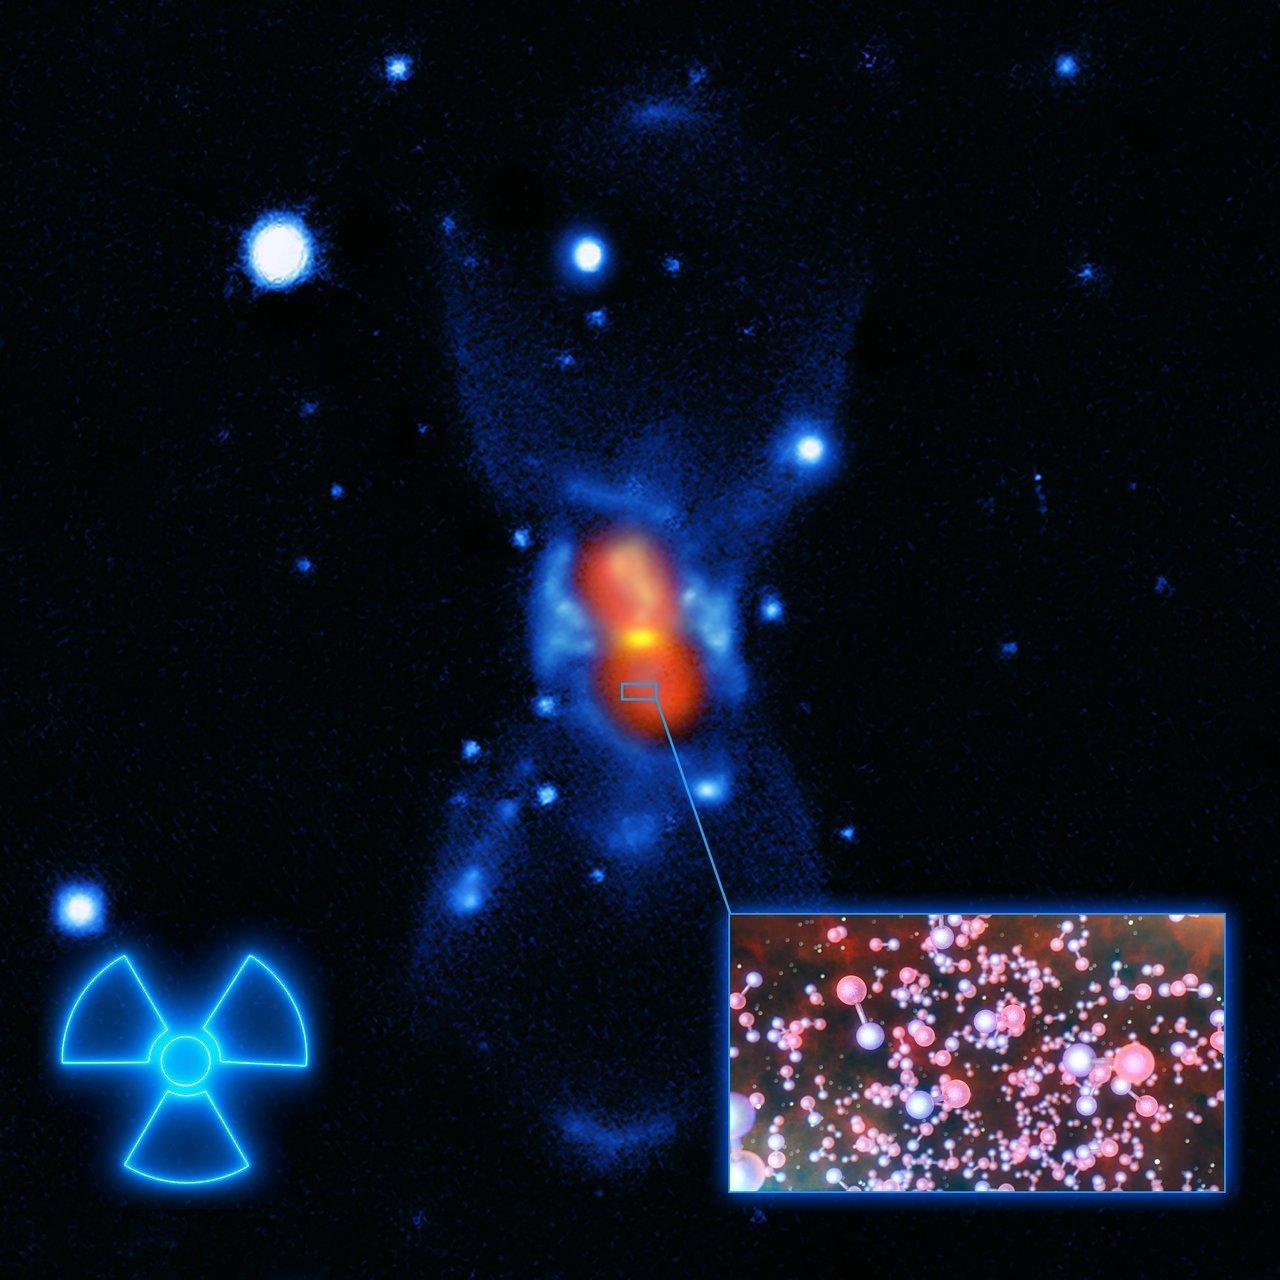 Imagen artística de las moléculas radiactivas en CK Vulpeculae